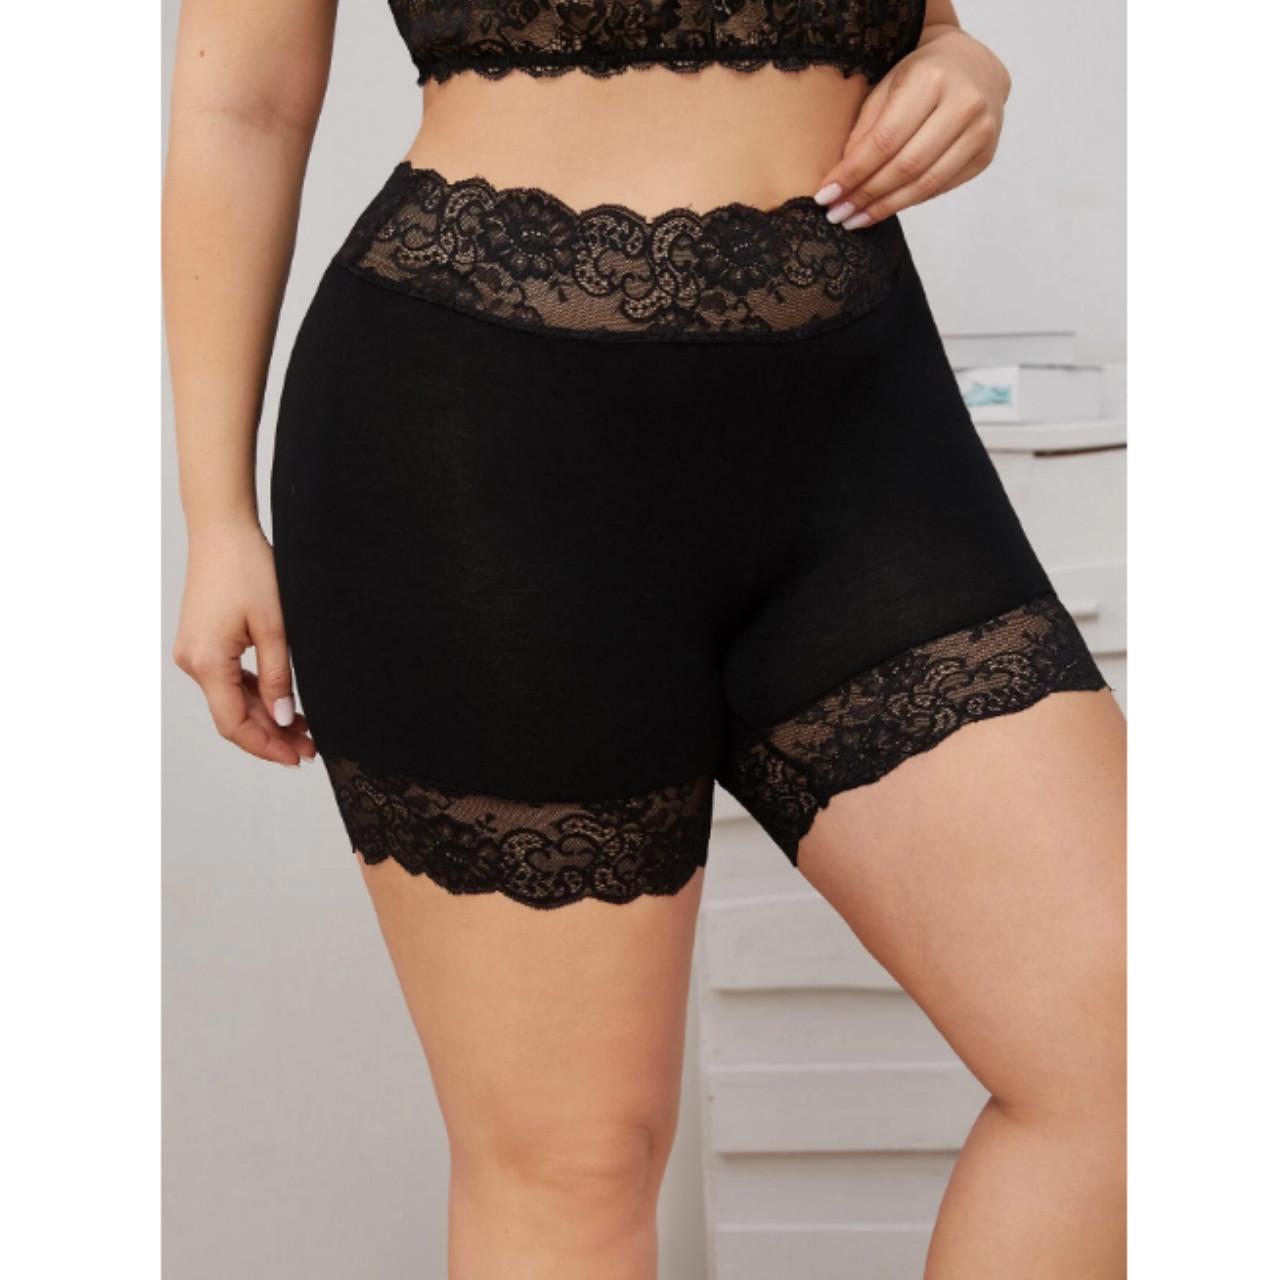 Plus contrast lace biker shorts 5xl